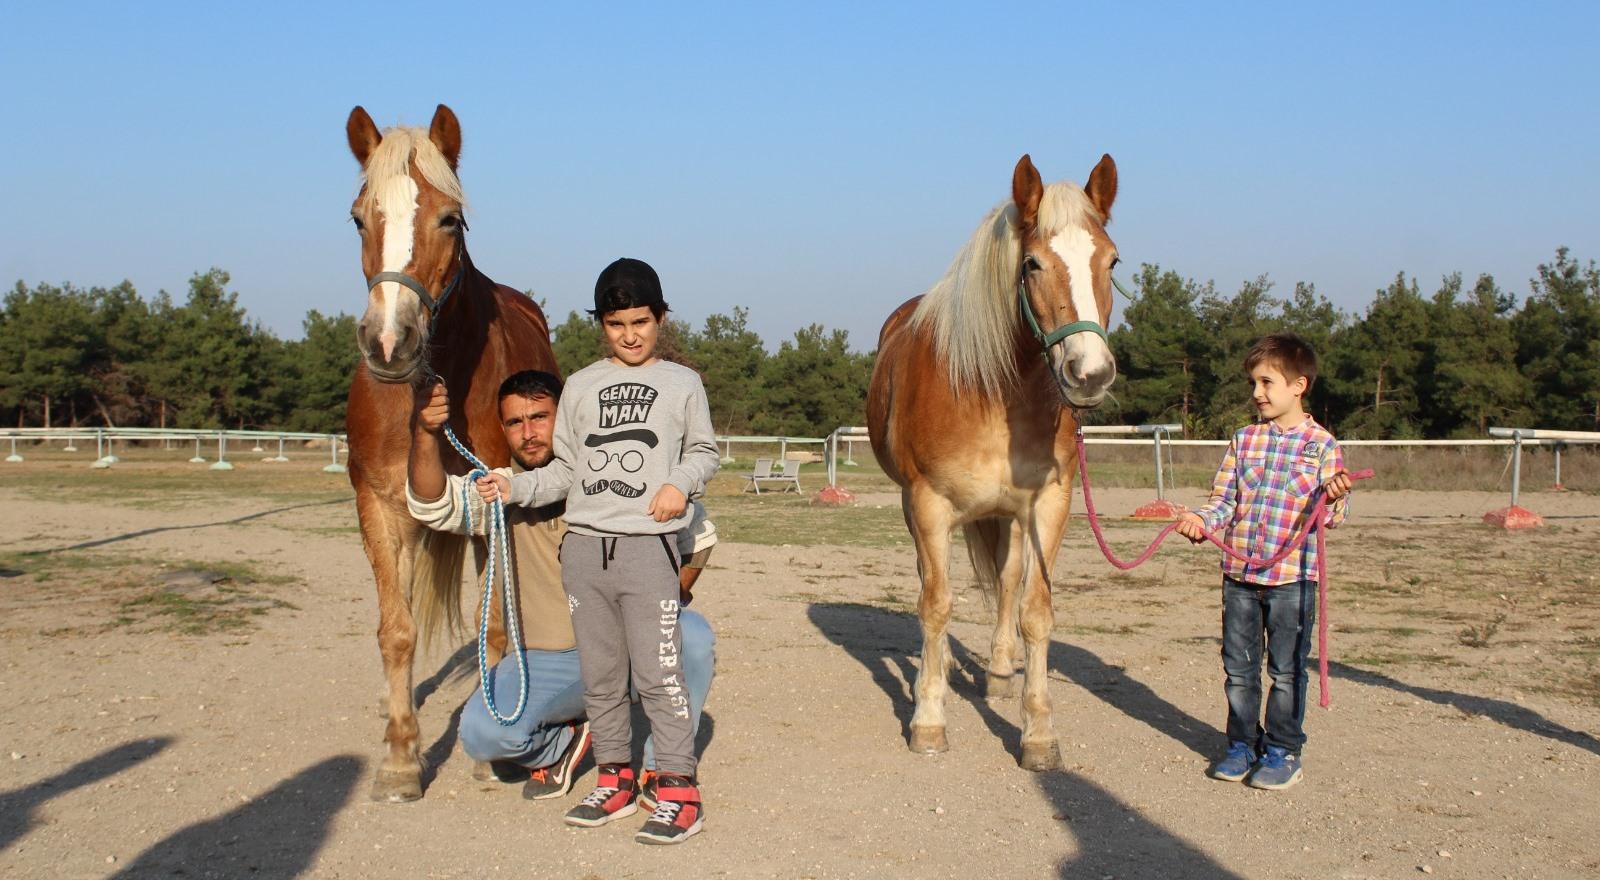 İzmir'in fayton atları ikinci baharı Bursa'da yaşıyor